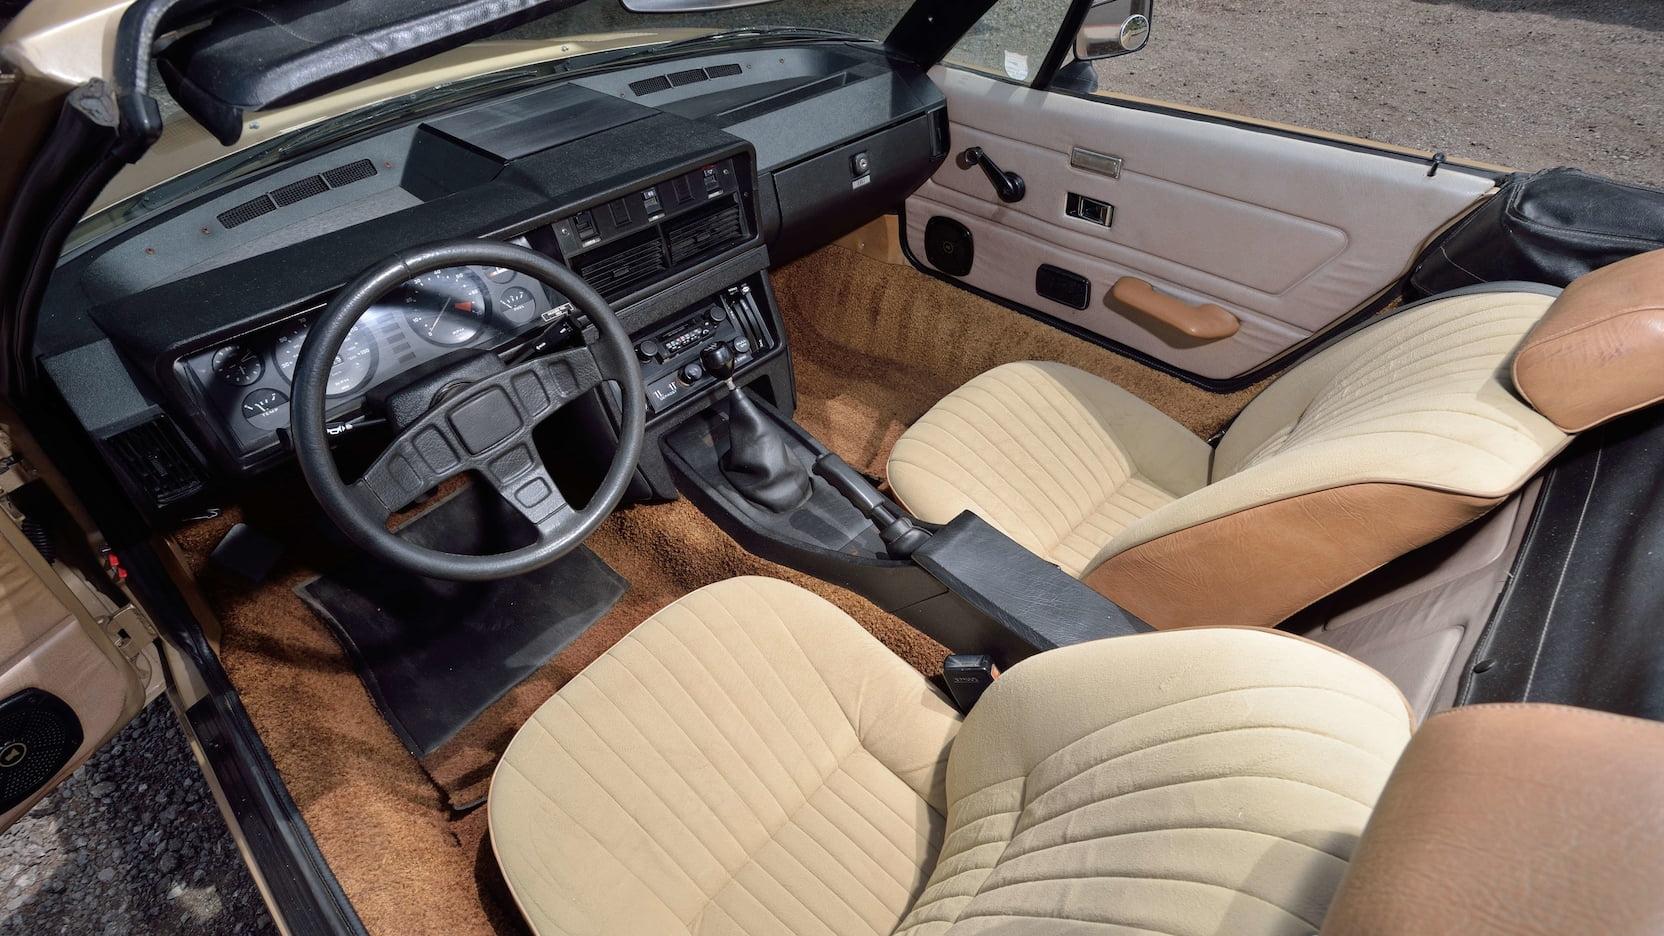 1979 Triumph TR7 driver interior